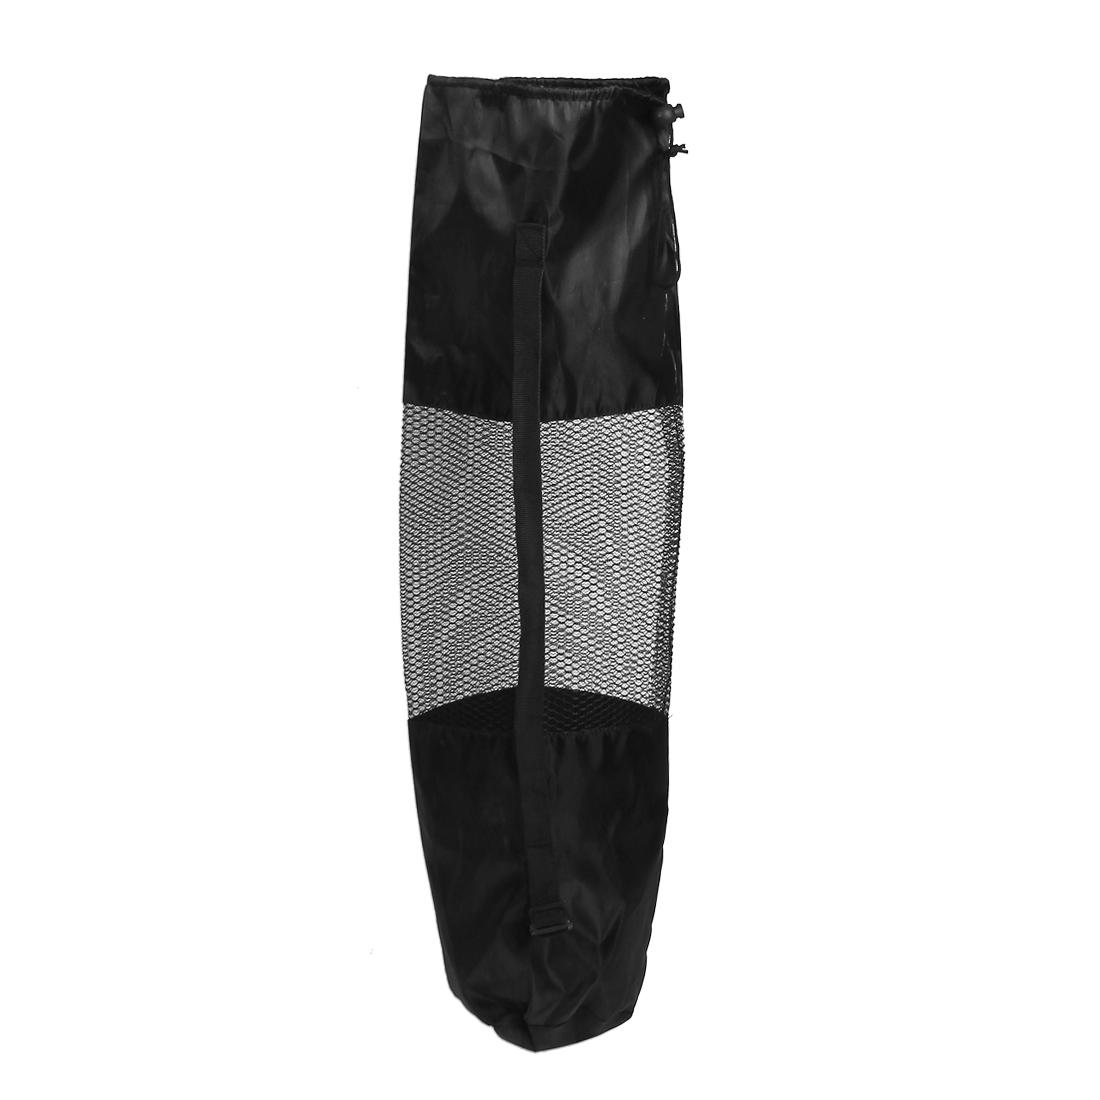 Adjustable Shoulder Strap Yoga Pilates Mat Pad Mesh Net Carrier Bag Black